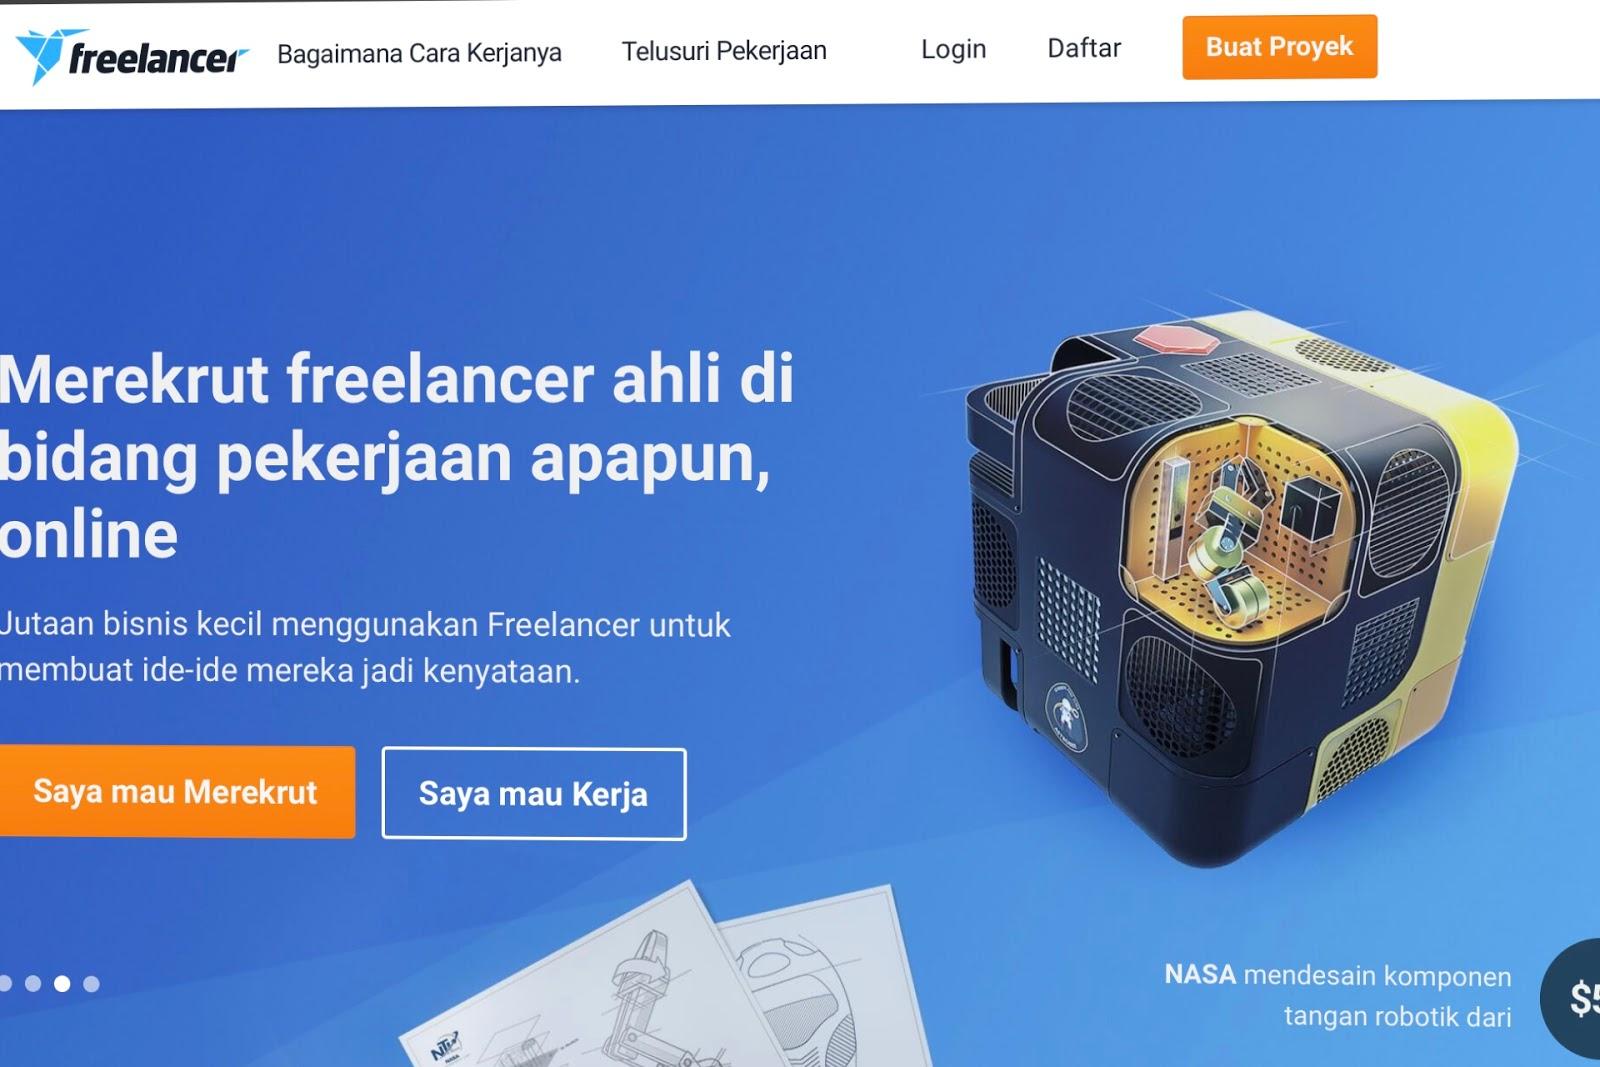 Cara Menjadi Freelancer Dan Menemukan Lowongan Pekerjaan Freelance Online